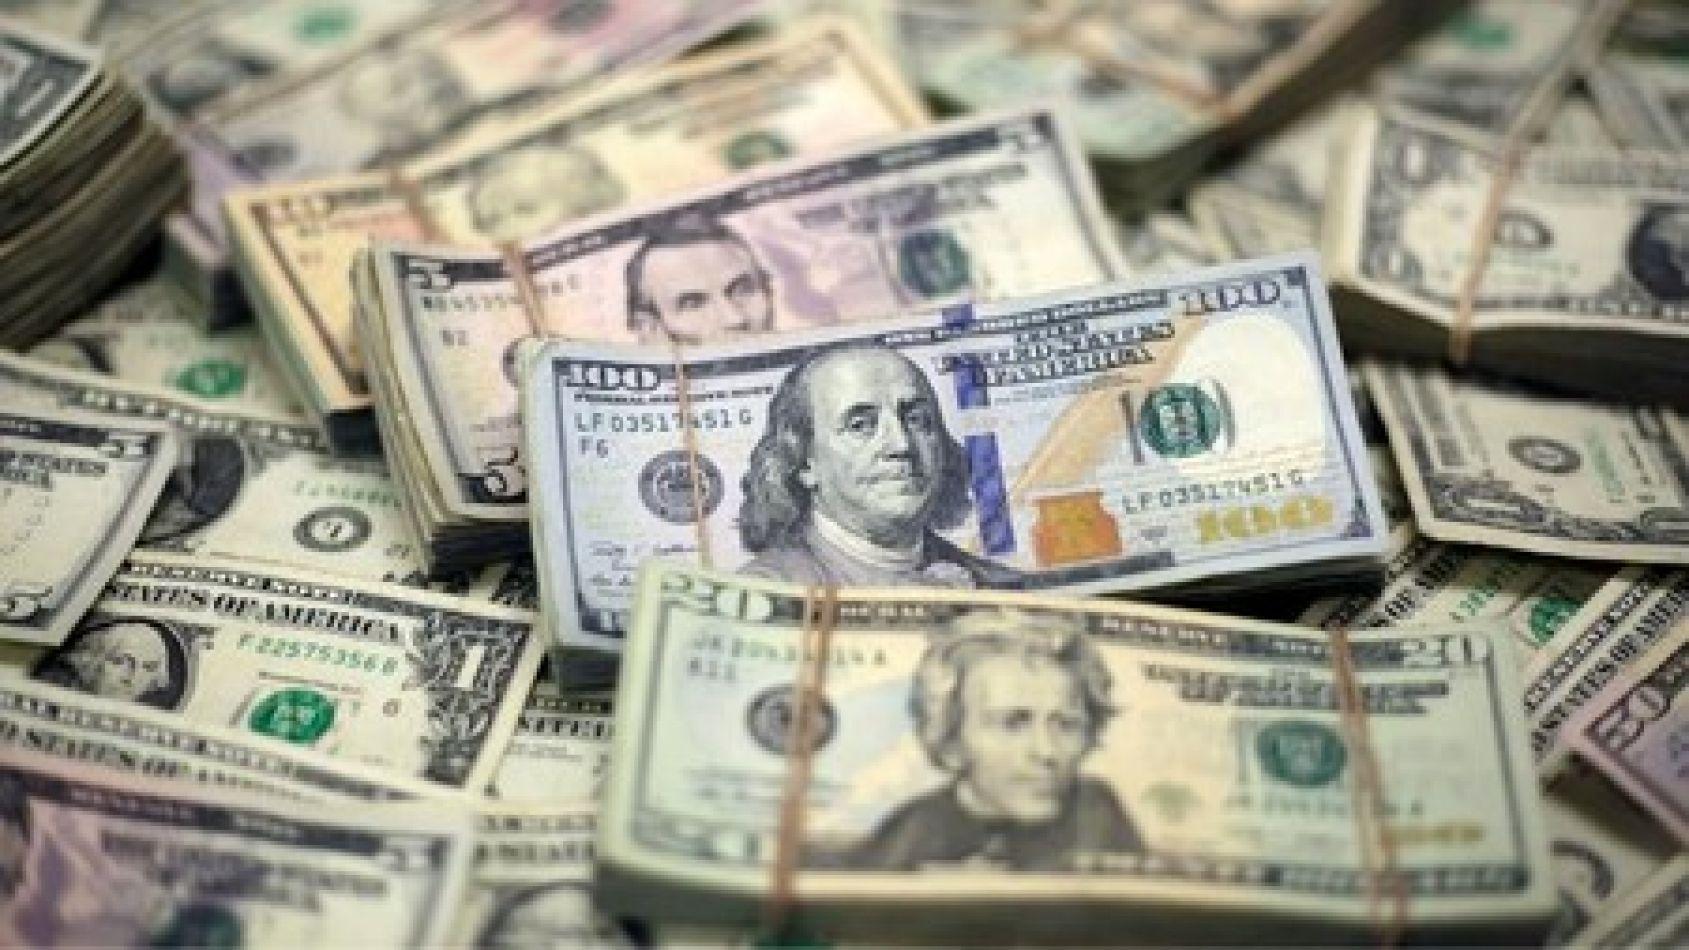 Por error depositaron en su cuenta más de un millón de dólares, y se negó a devolverlos: la acusan de fraude